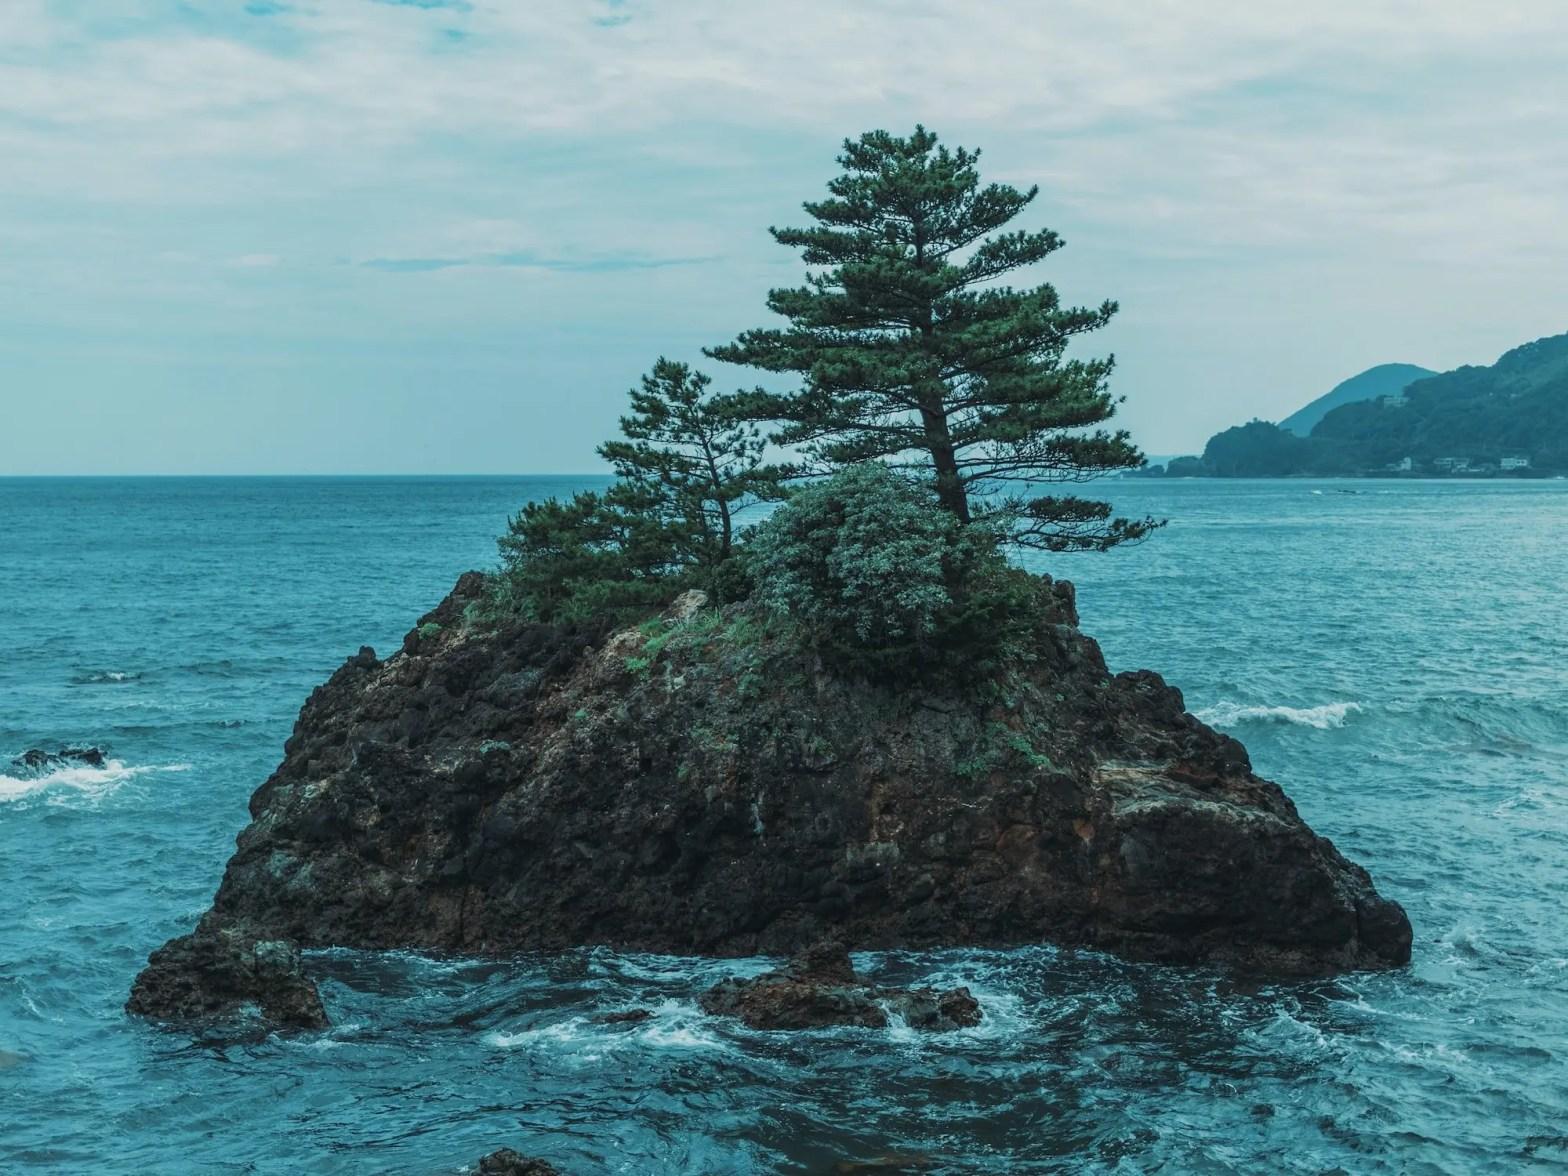 Uit hoeveel eilanden bestaat Japan?